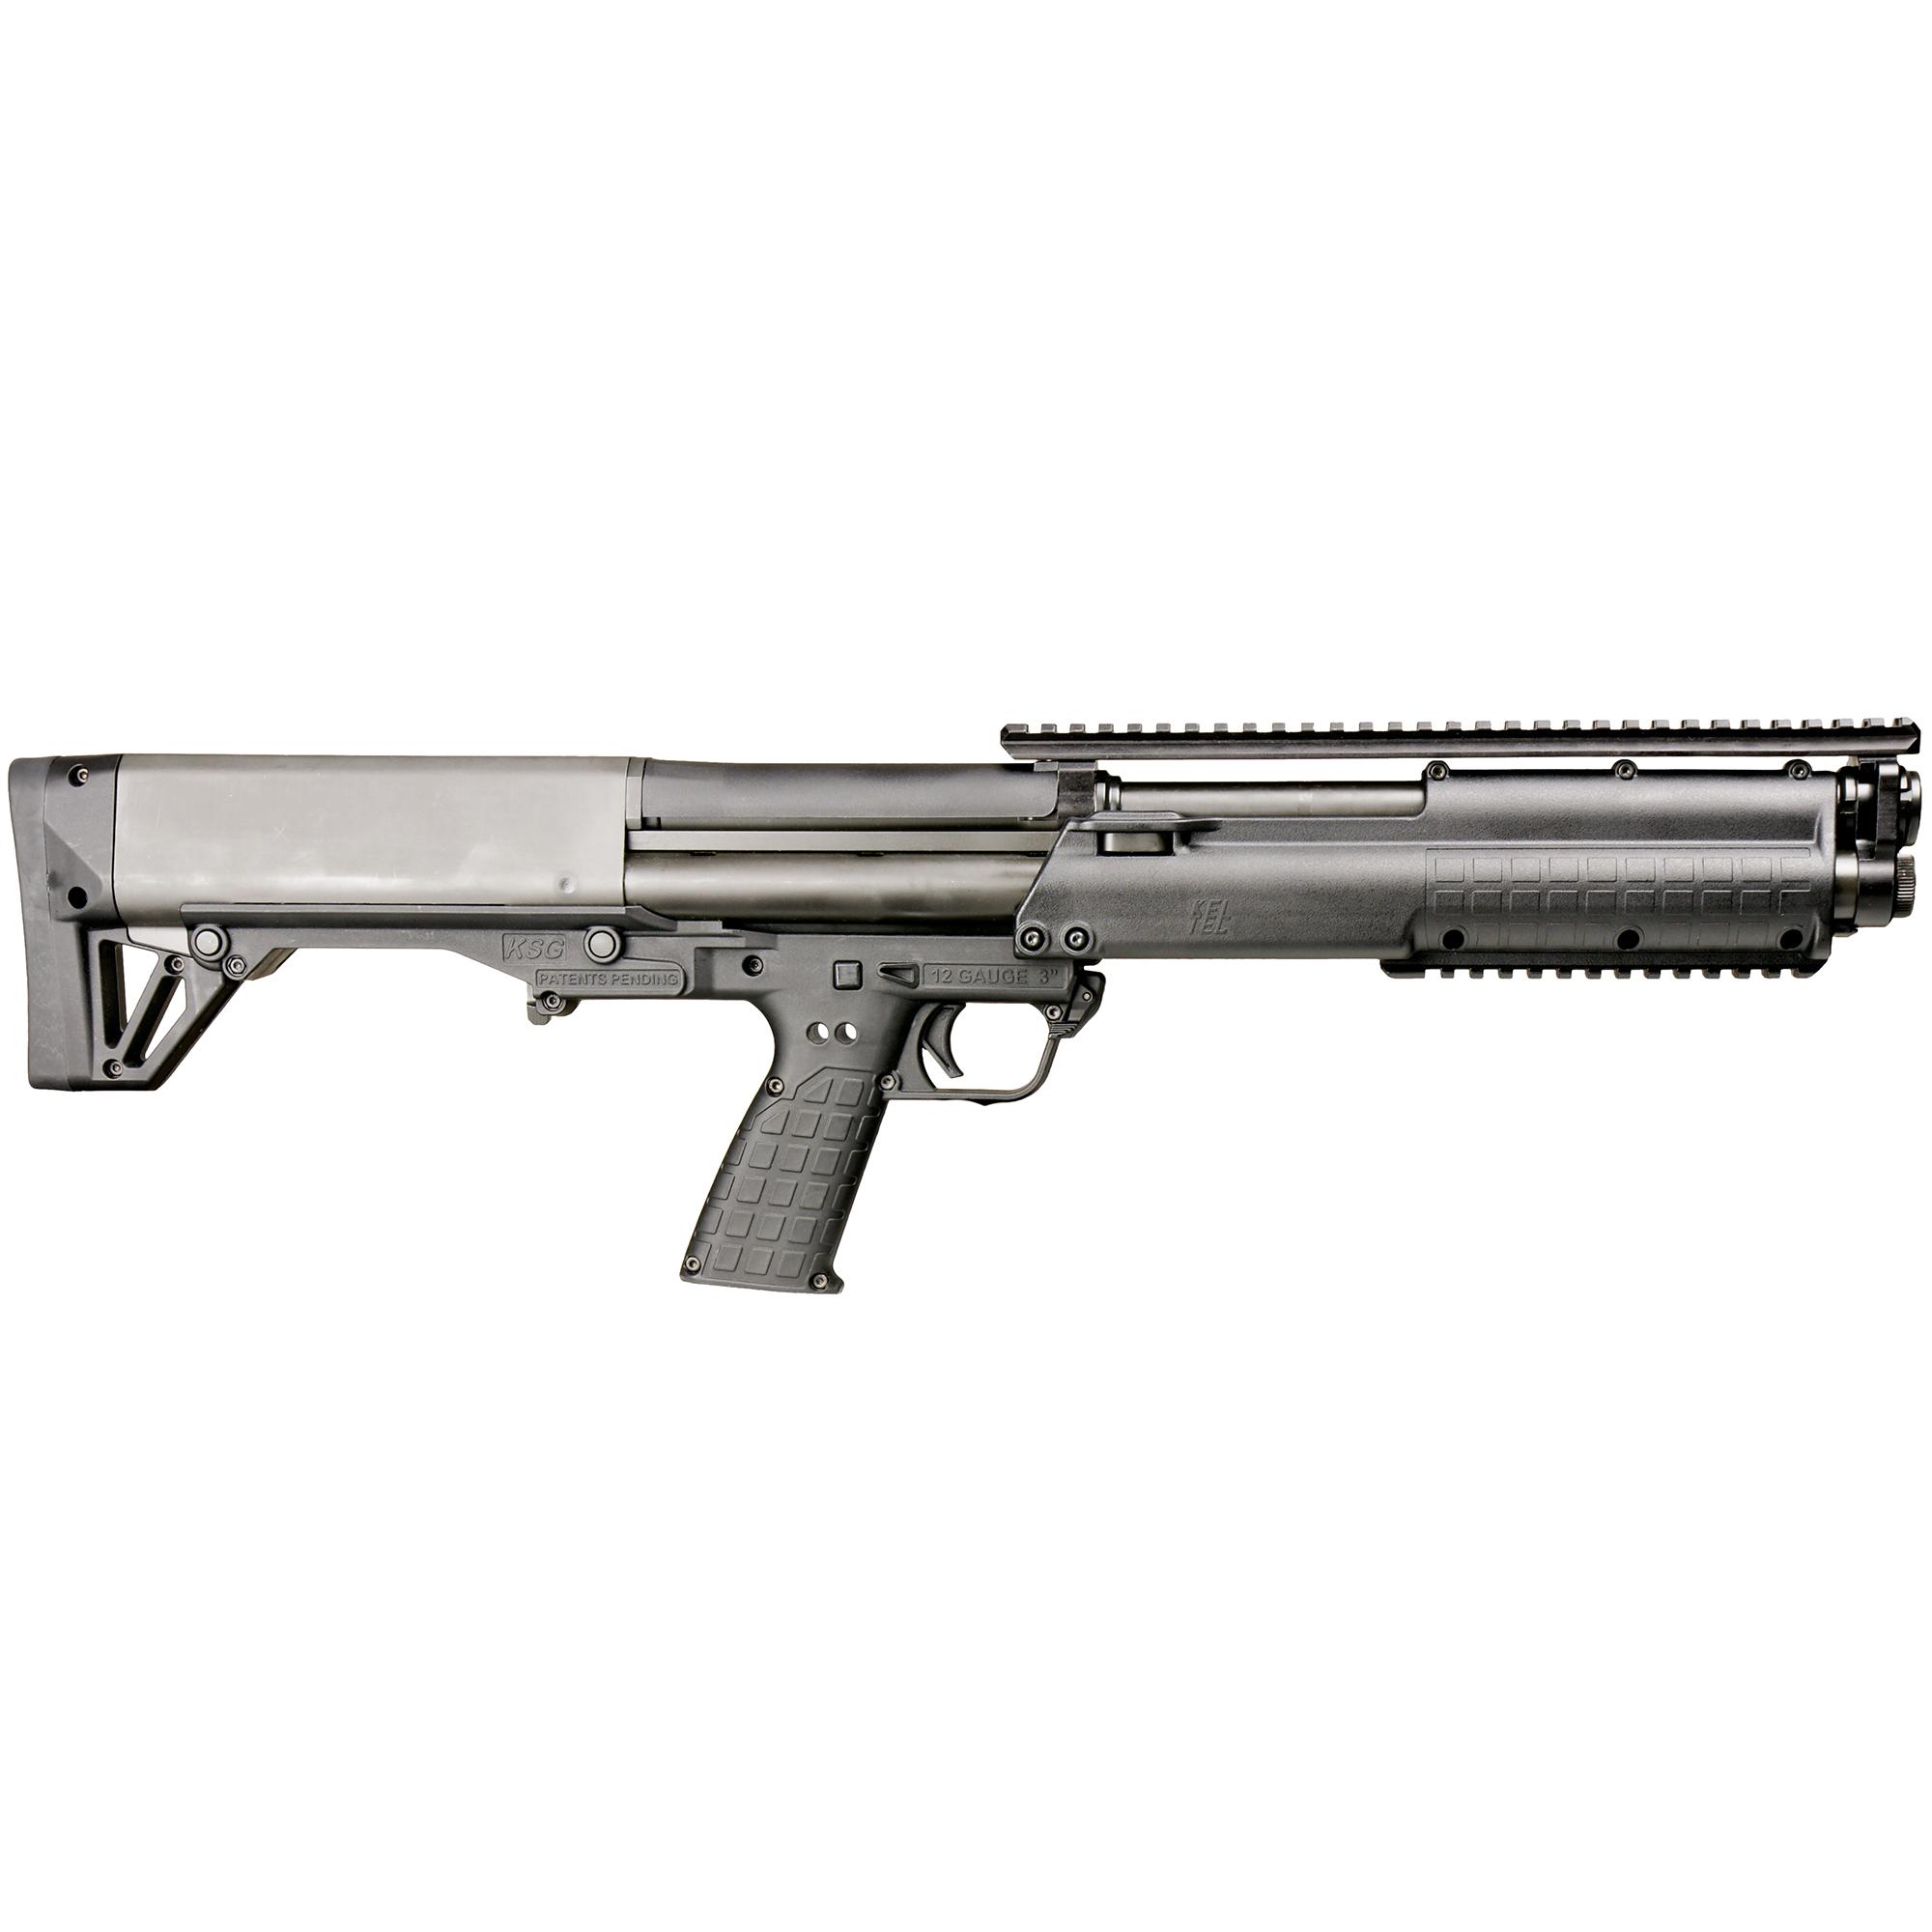 Kel-Tec KSG Shotgun